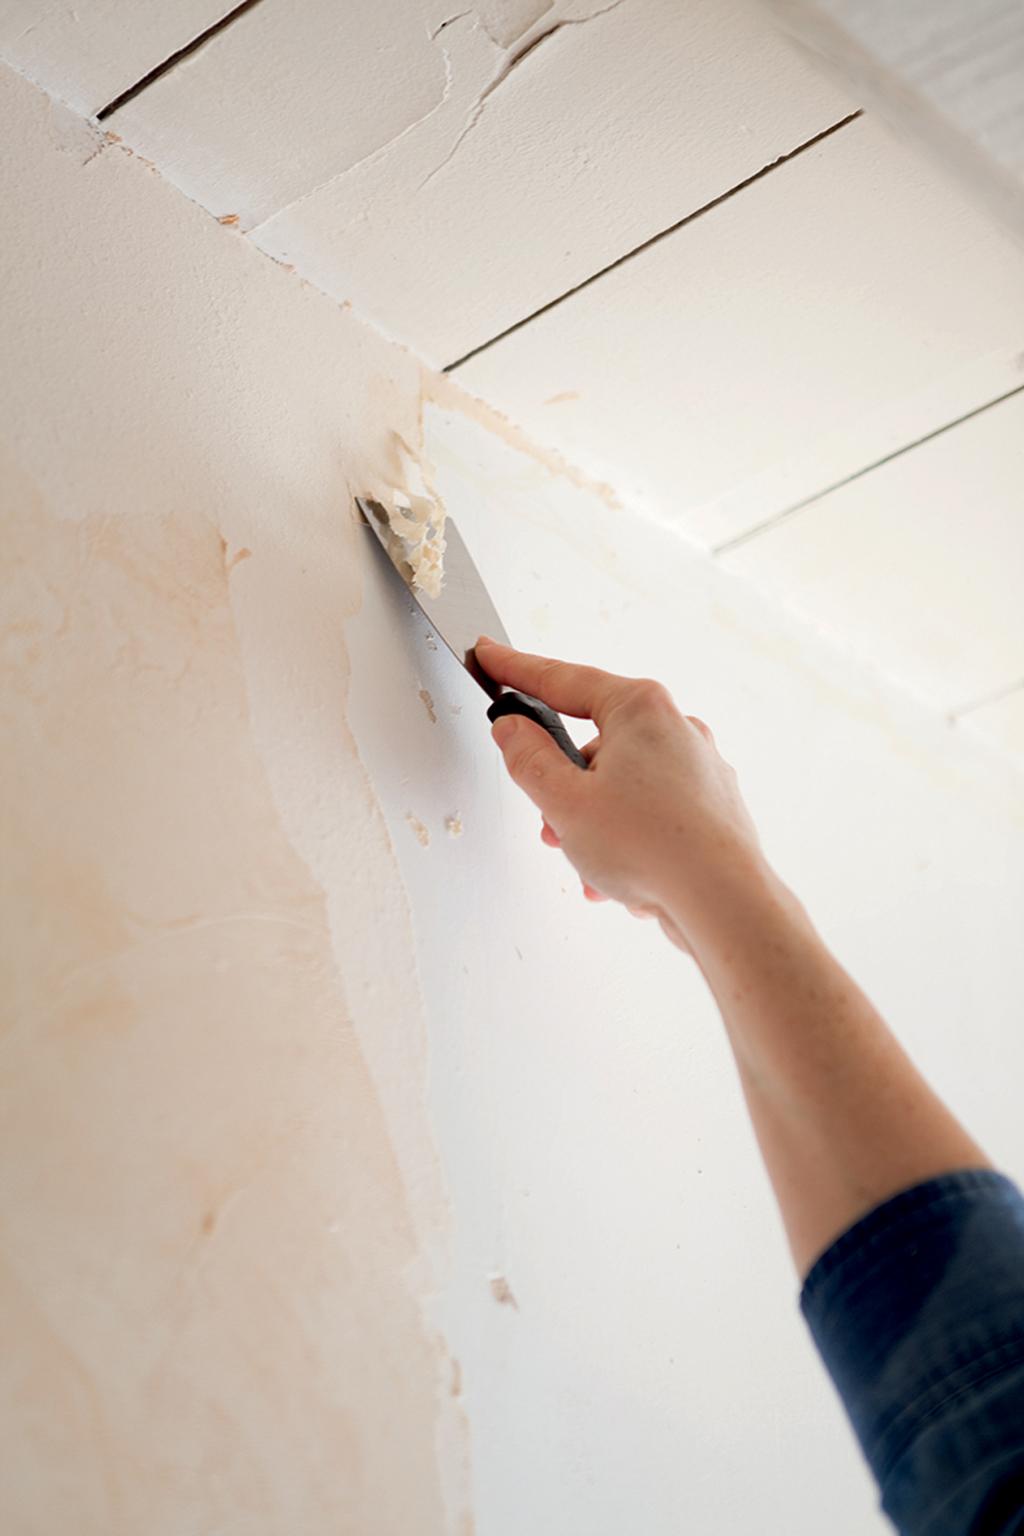 D coller du papier peint l 39 eau chaude diy family - Comment decoller du papier peint facilement ...